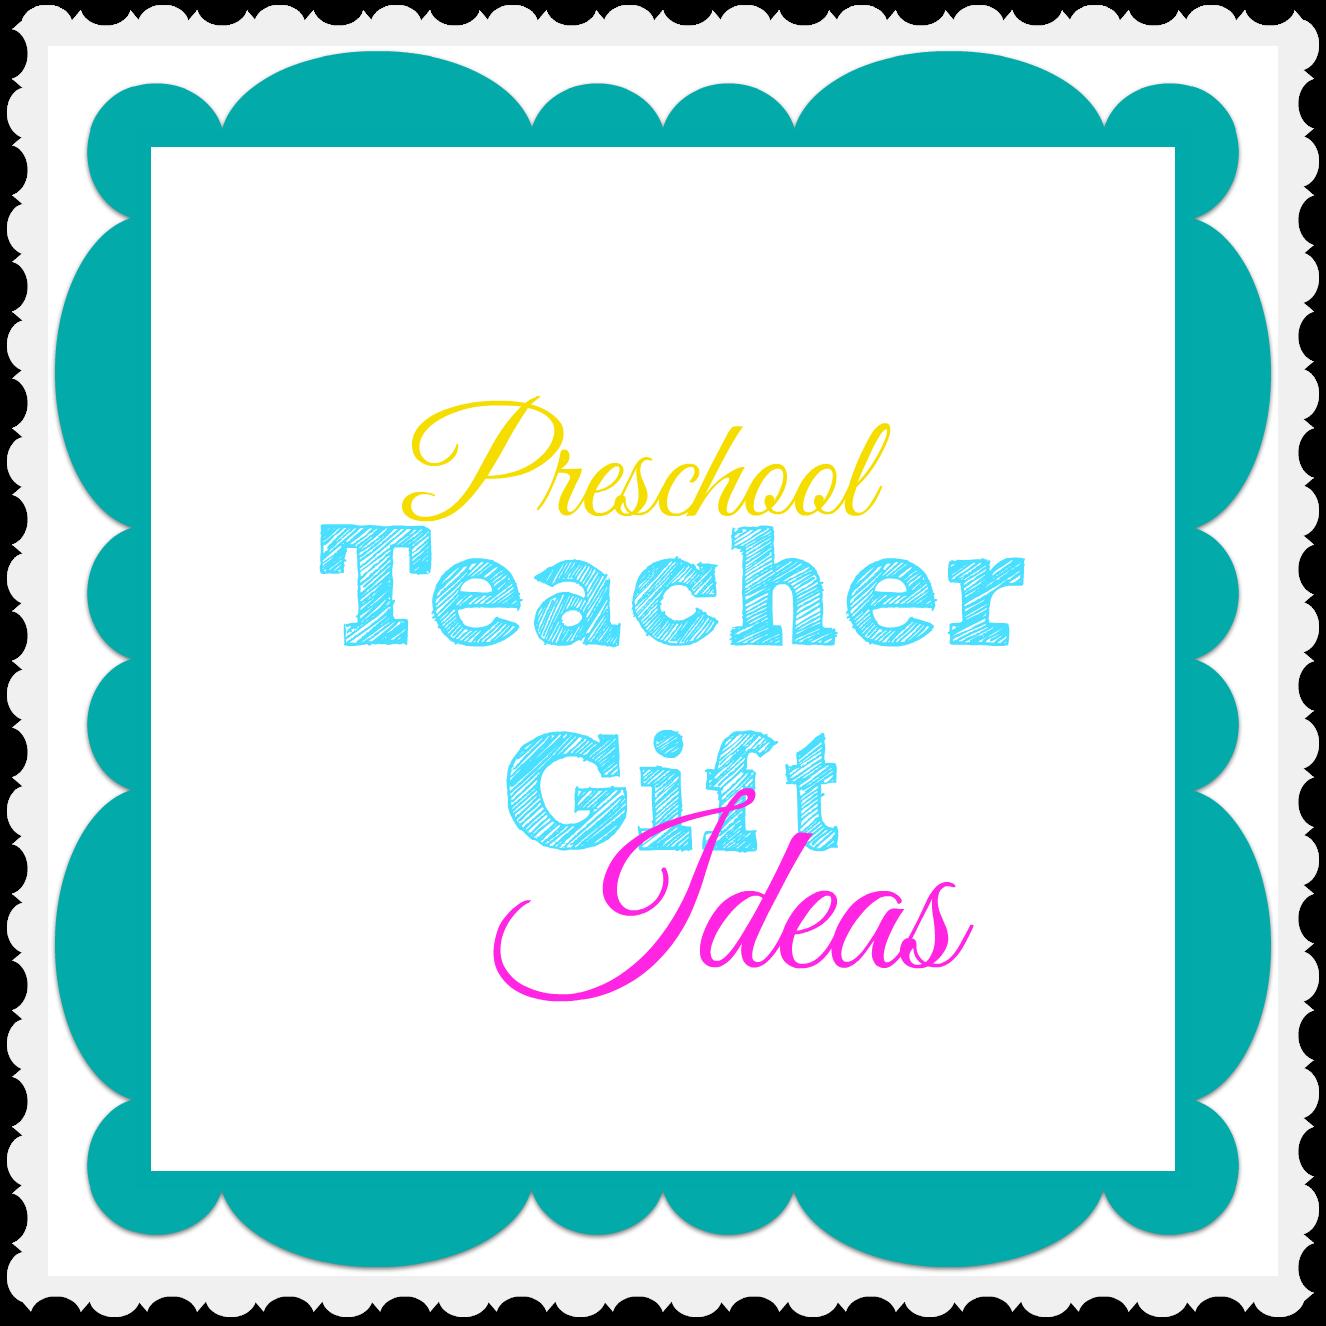 Classroom Ideas For Preschool Teachers ~ Preschool teacher gift ideas